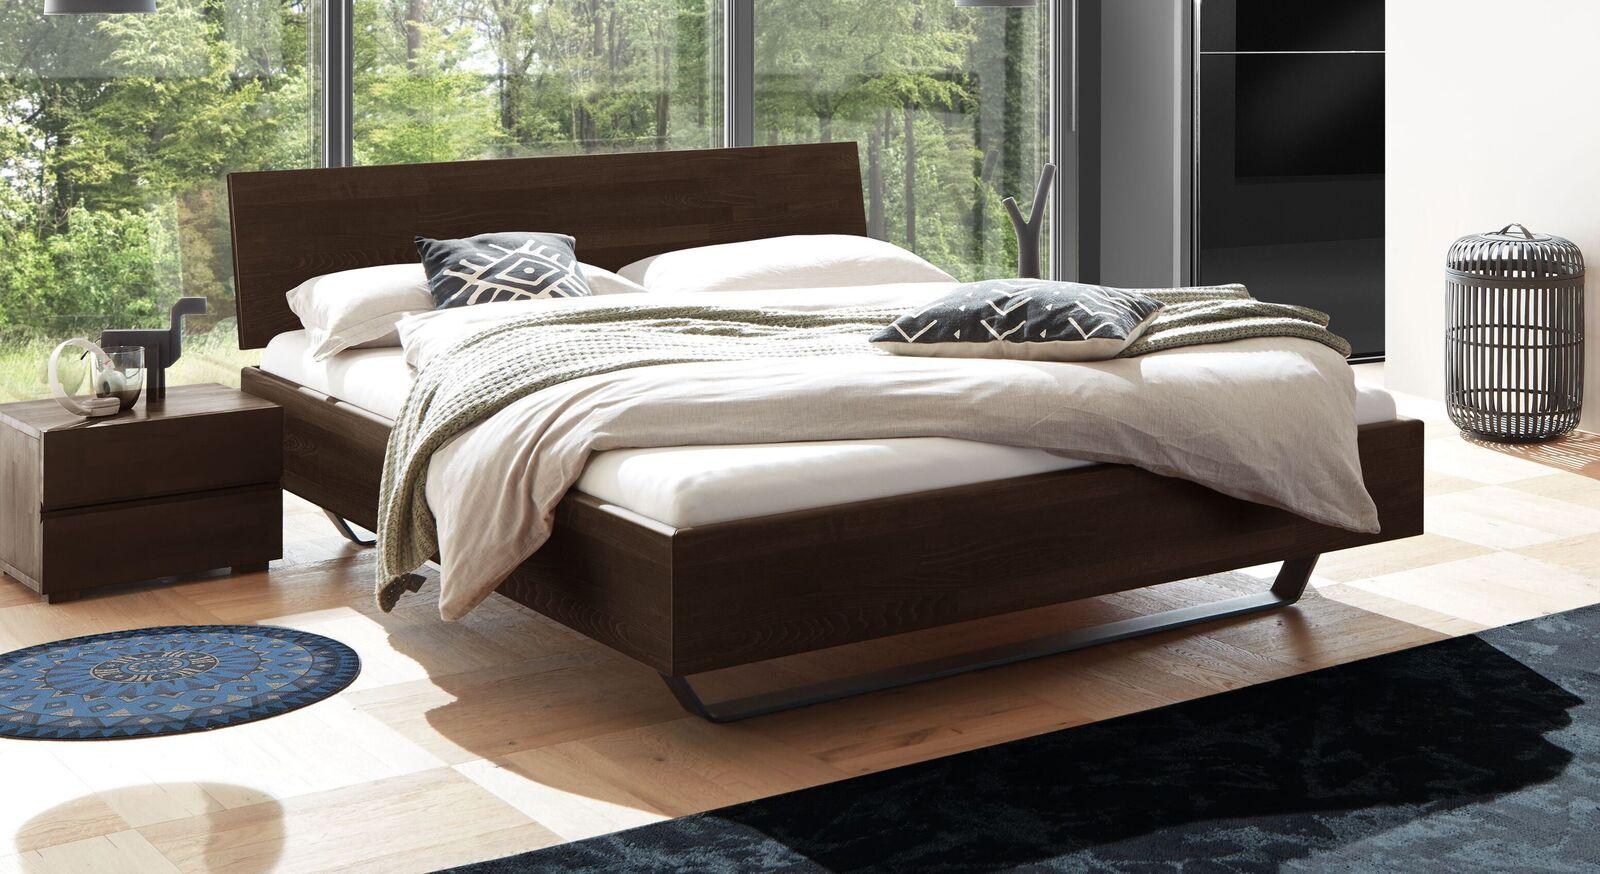 Bett Honoka aus wengefarbenem Buchenholz